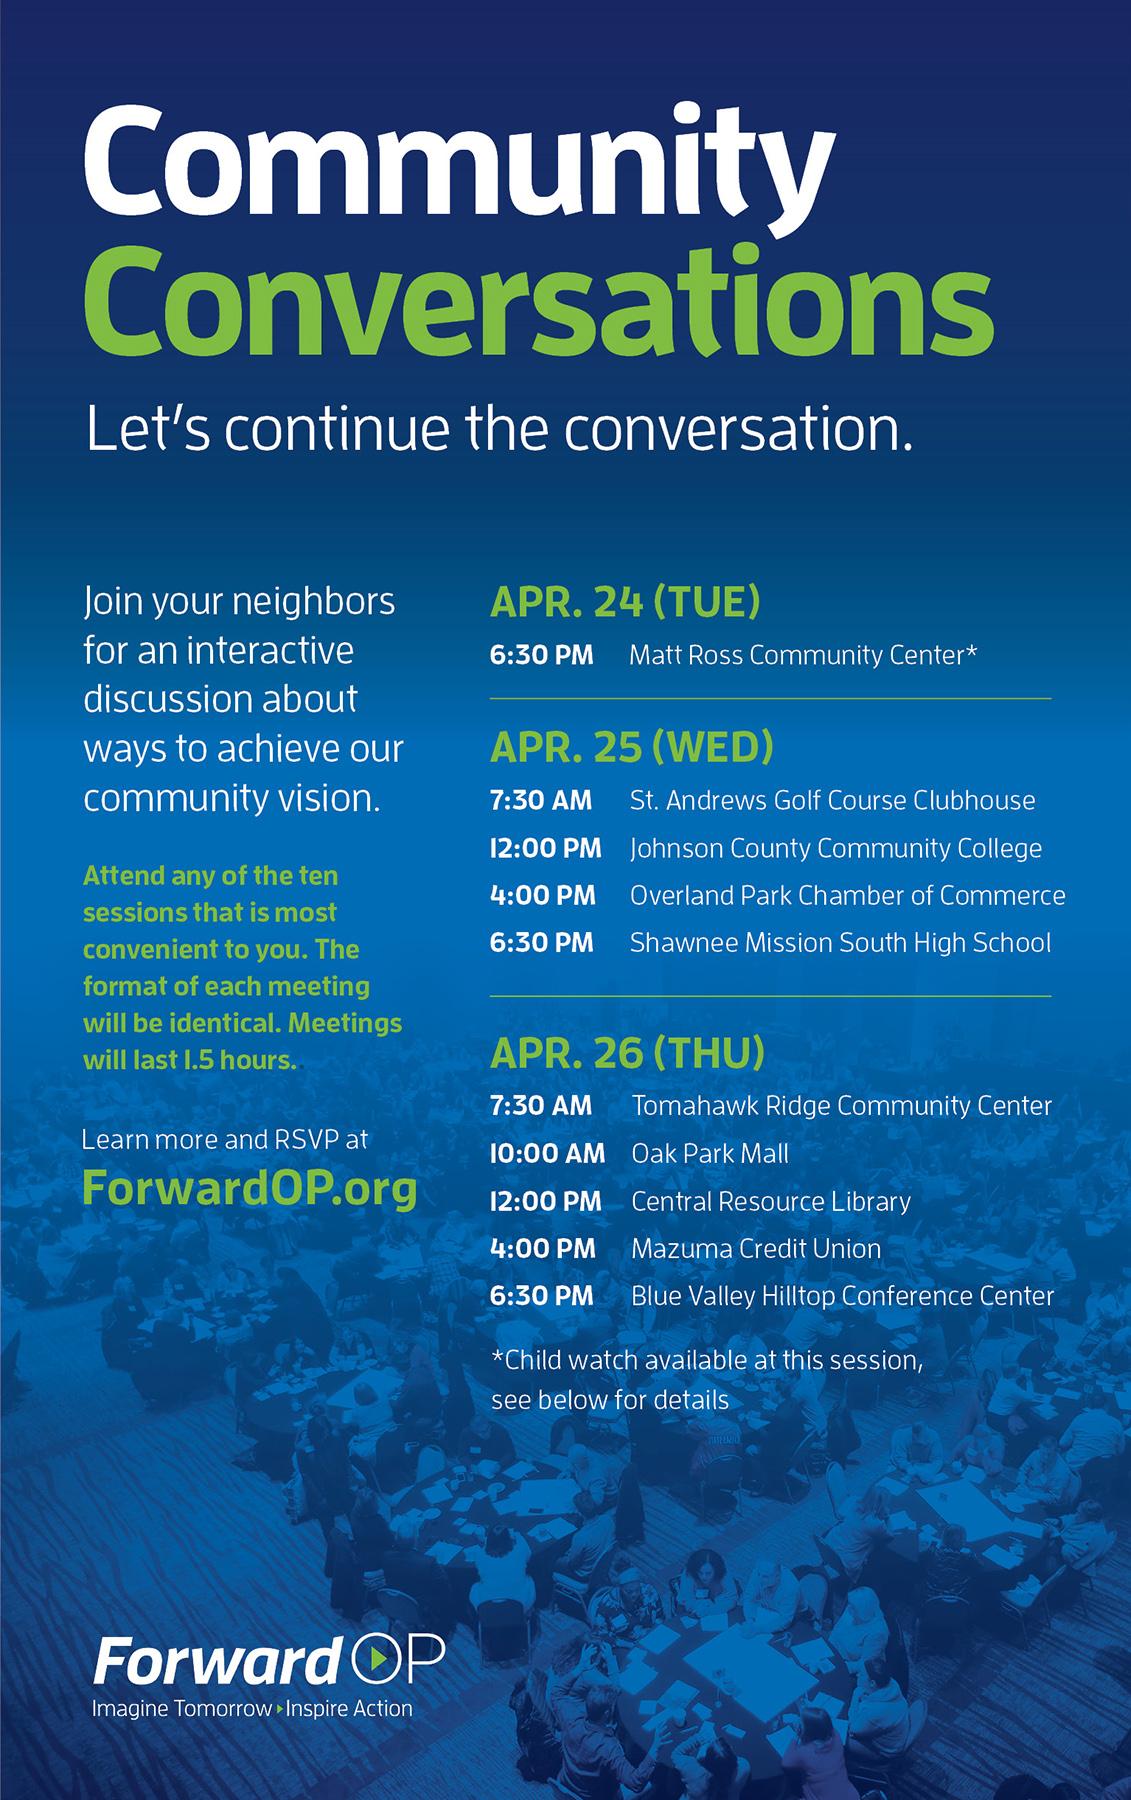 Let's continue the conversation – Community Conversations, Apr 24-26